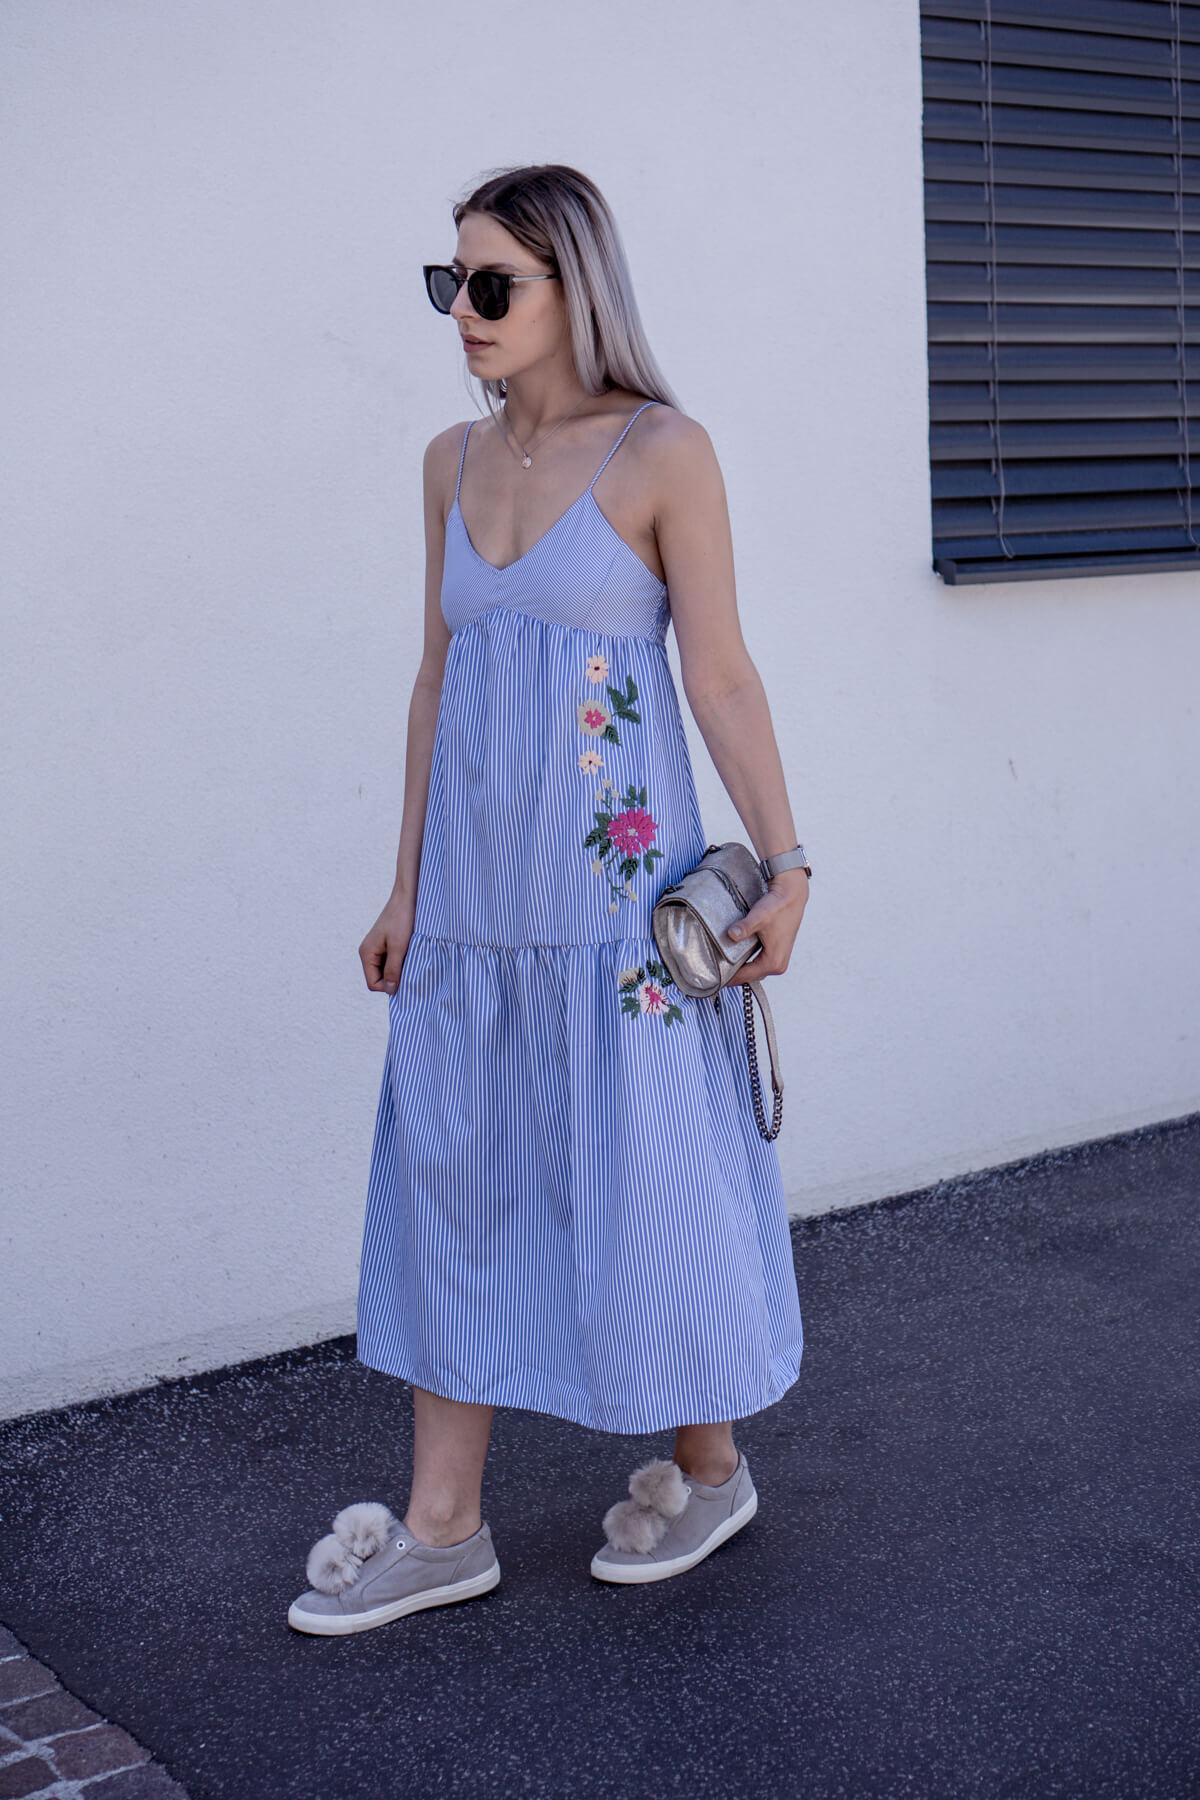 Sommerkleid mit Blumen Timo von The Cosmopolitas